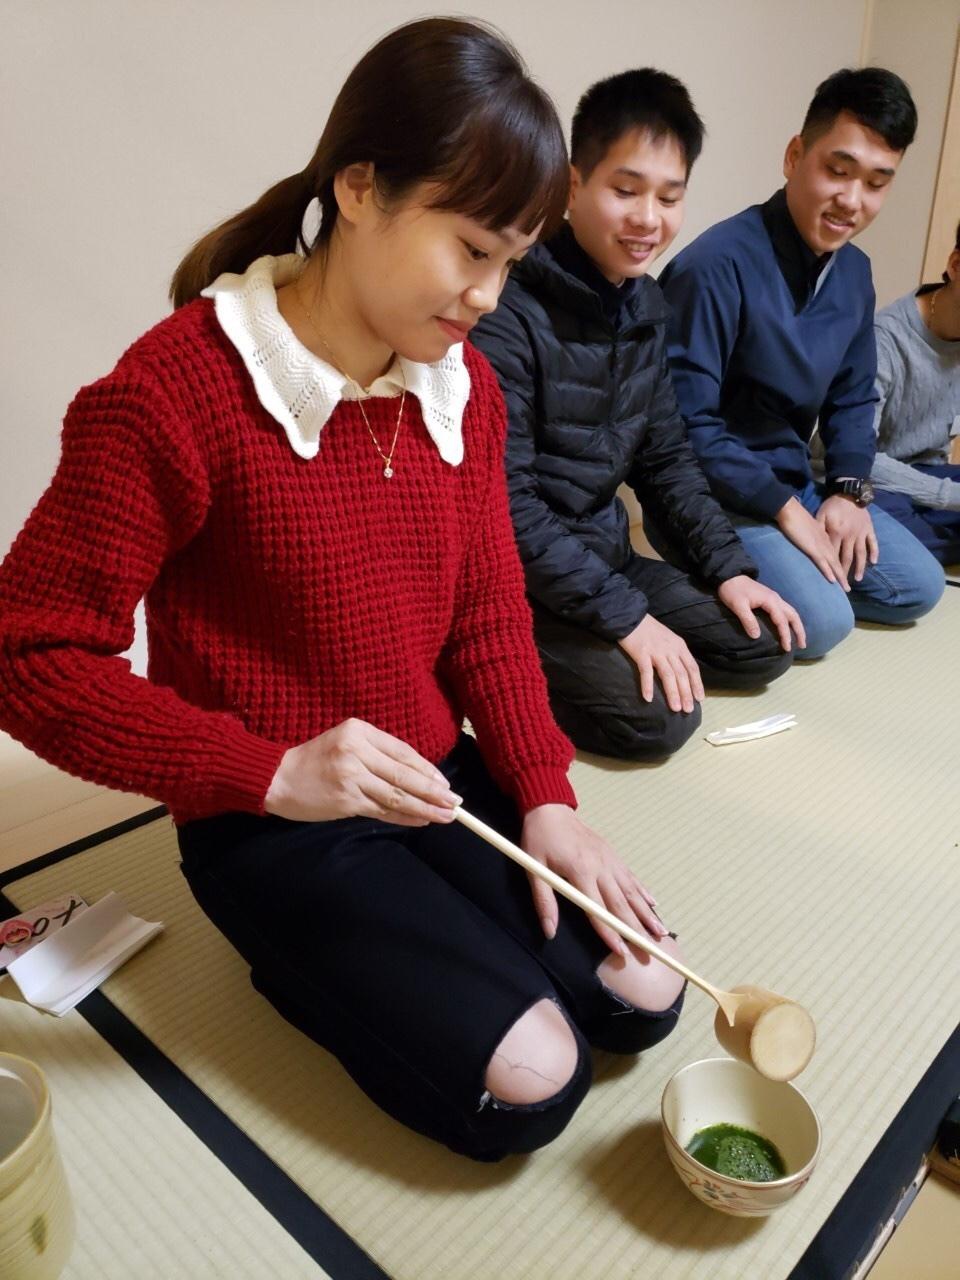 日曜朝教室(2019.12.22)お茶会🍵_e0175020_10045131.jpeg